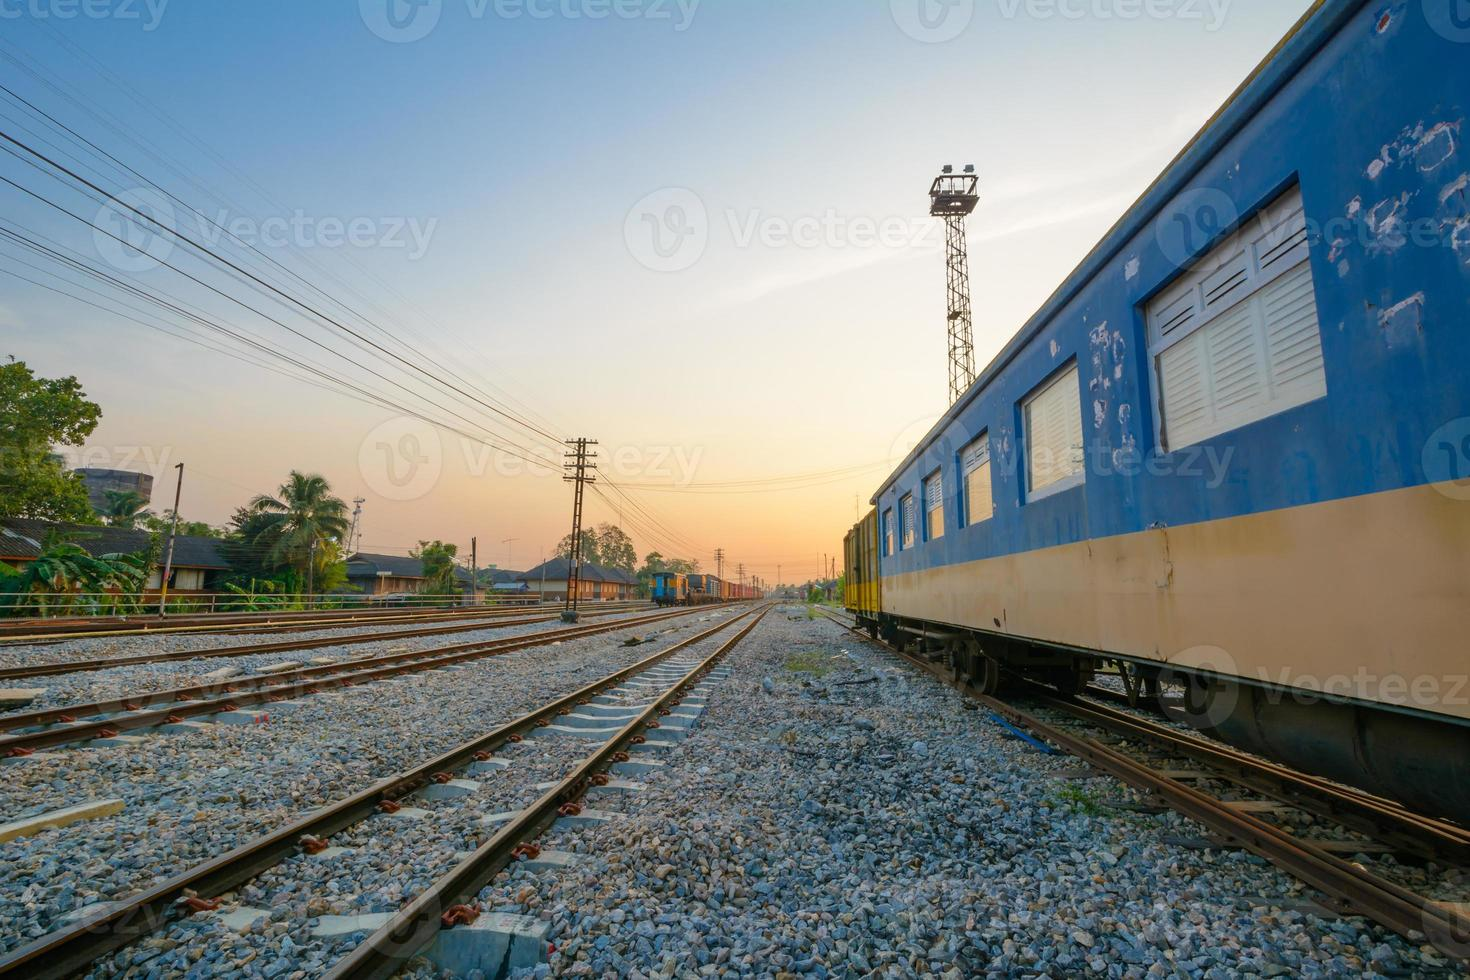 trilhos de trem e vagão de trem foto